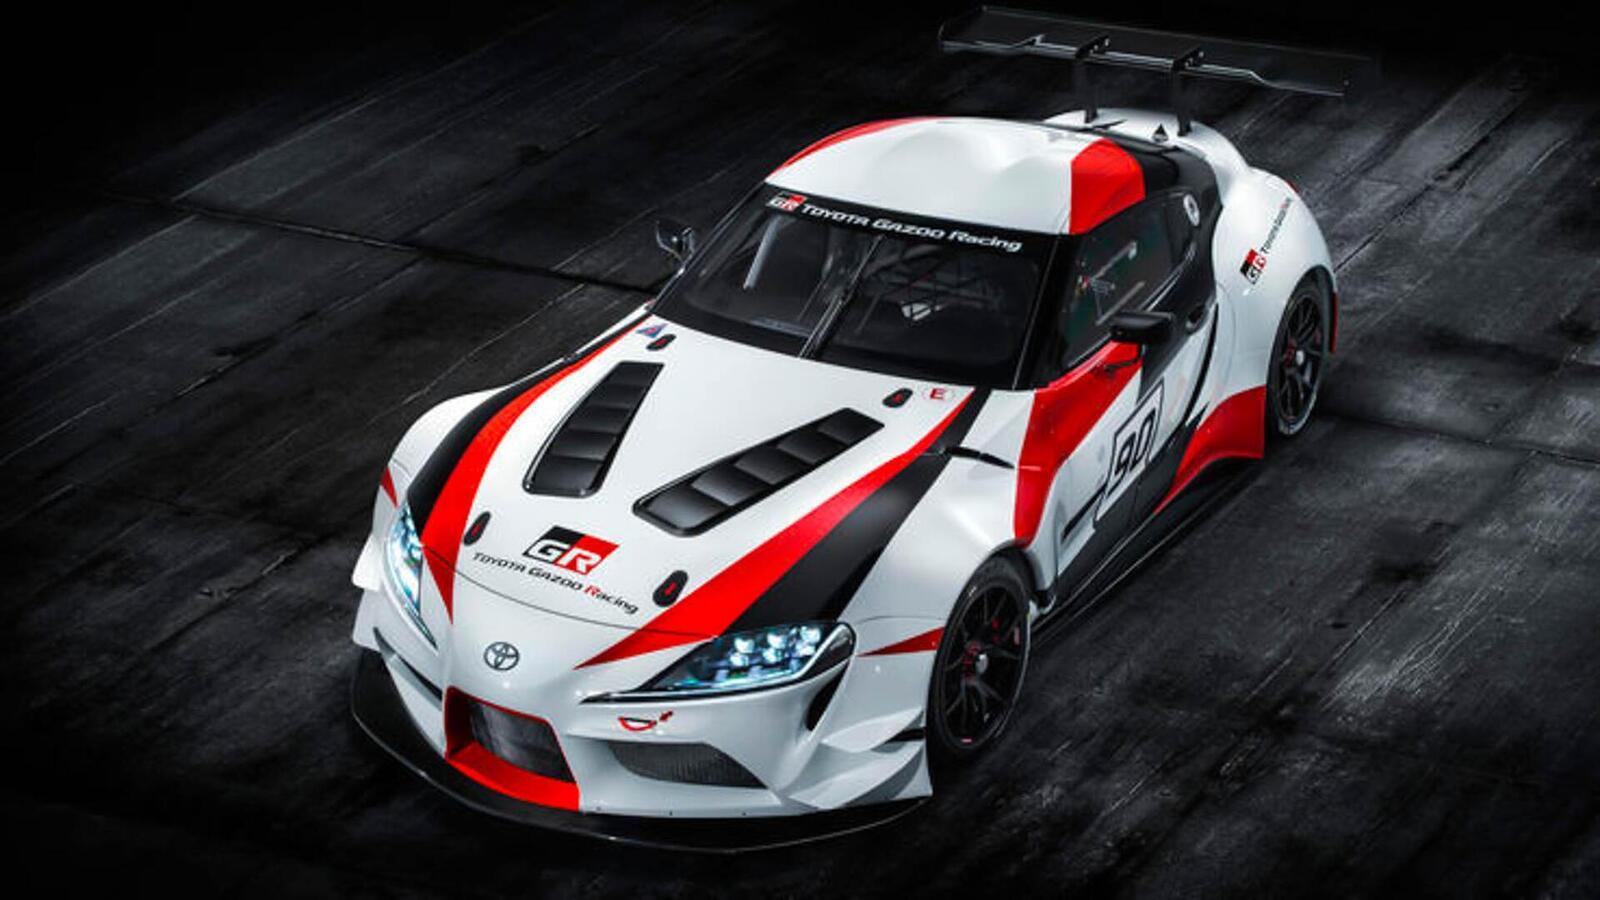 Ngoài đổi mới thiết kế trẻ trung Toyota sẽ phát triển nhiều xe thể thao hơn trong tương lai - Hình 6